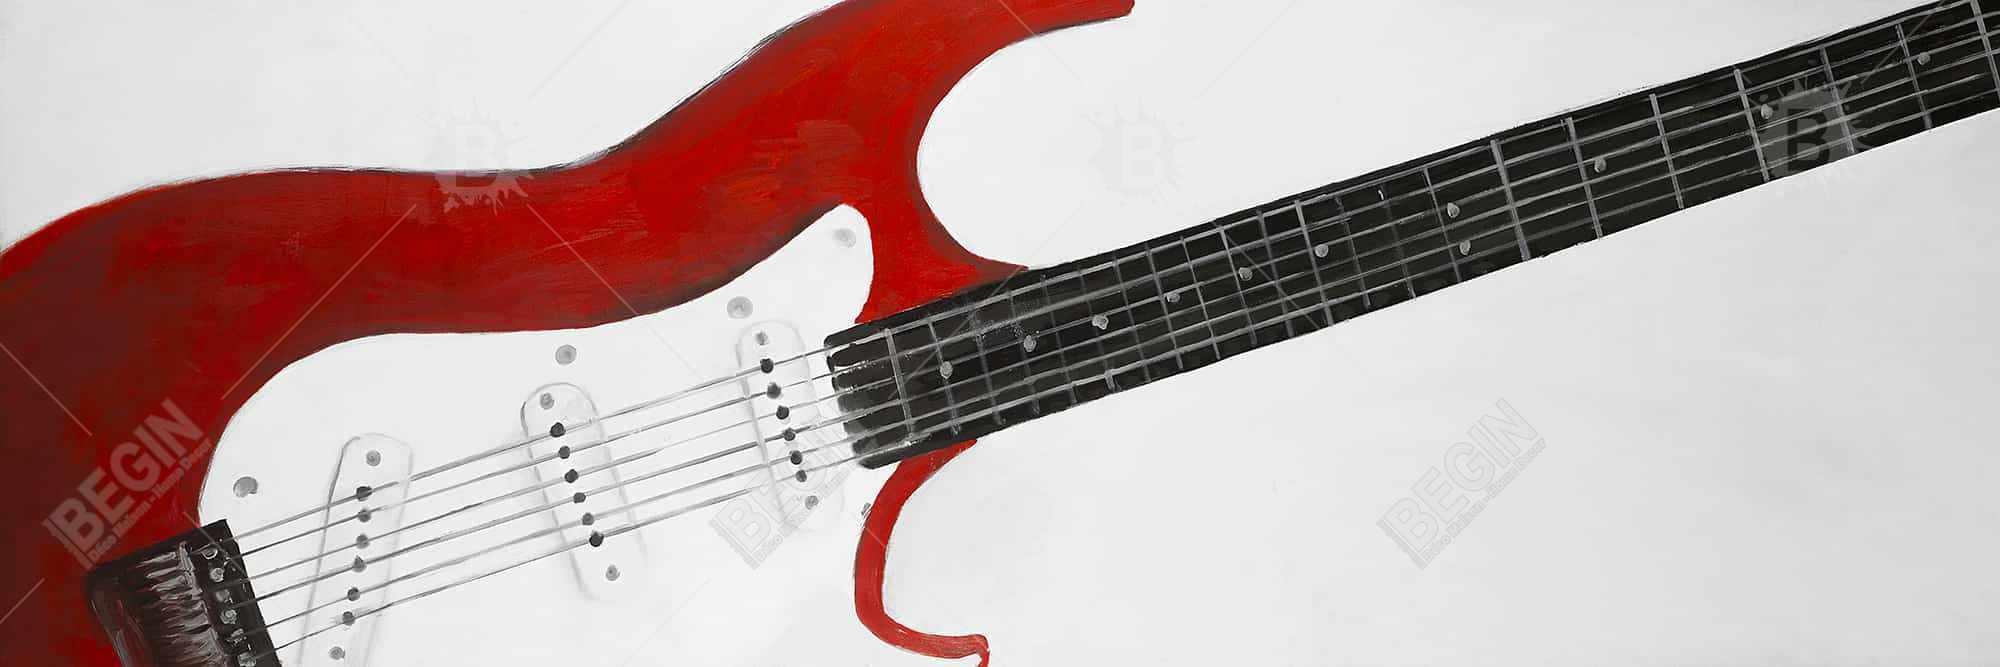 Red rock guitar